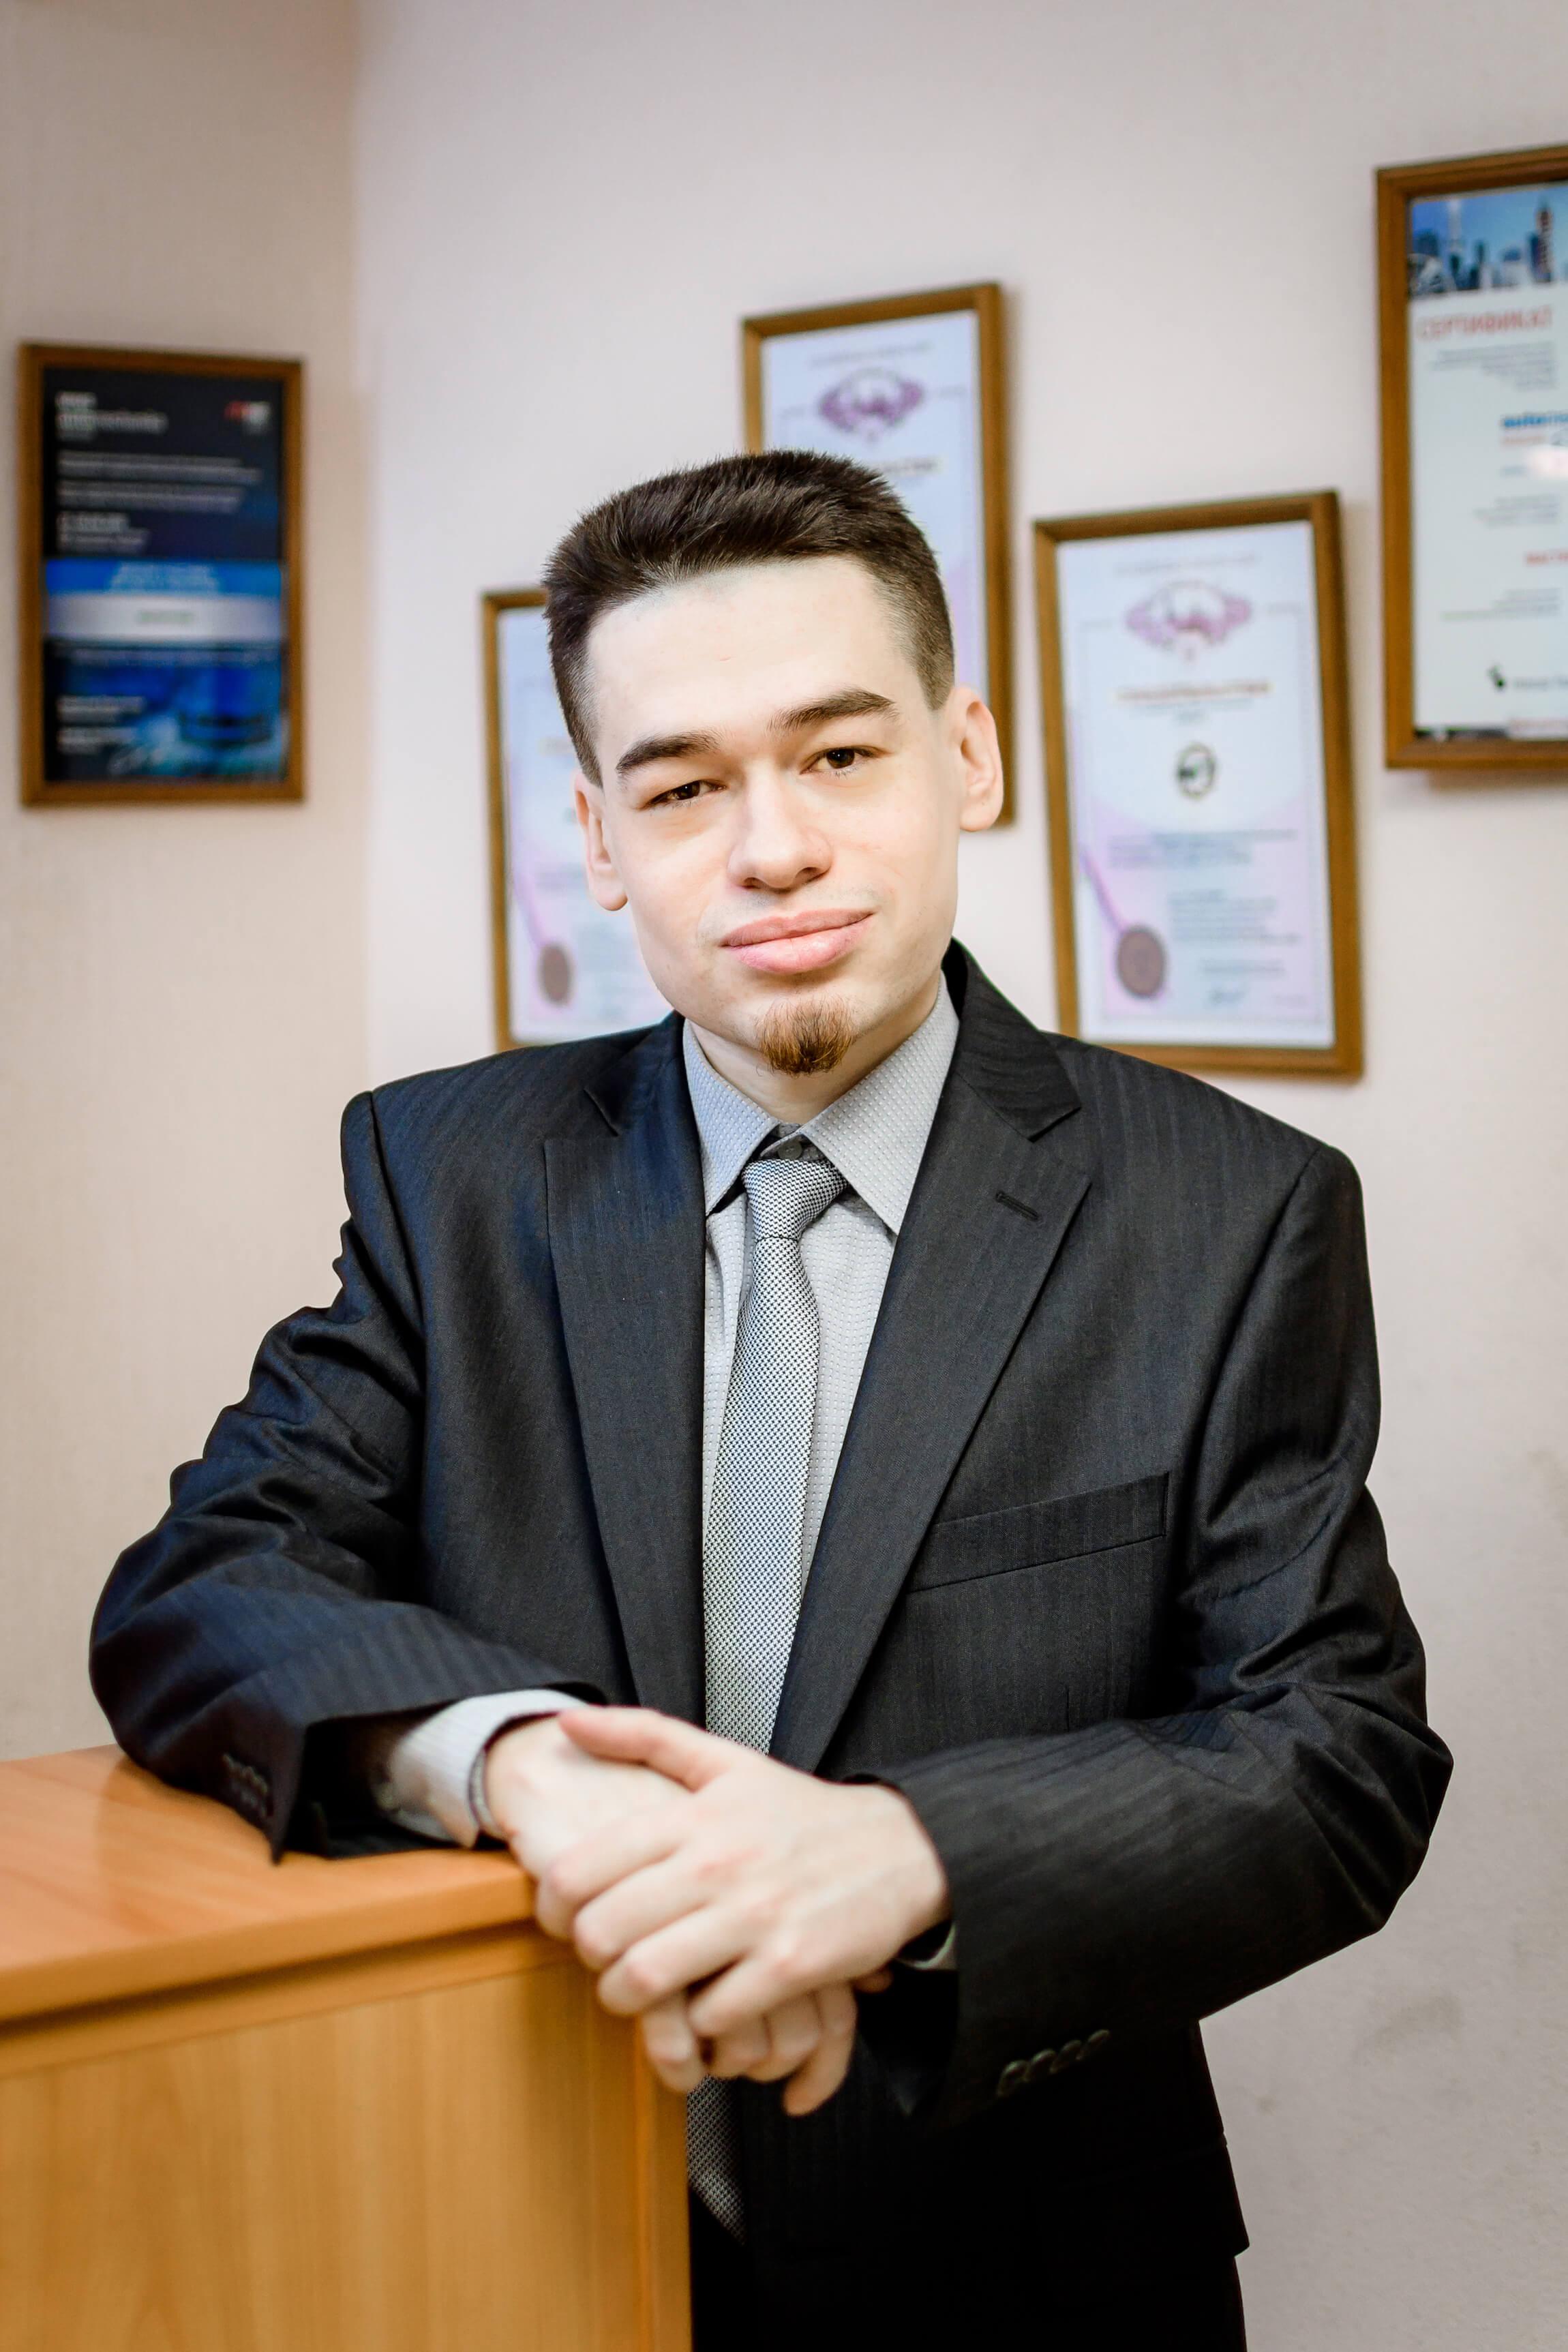 Борис Спиридонов (Макро ЕМС): как внедрять Индустрию 4.0, а не забивать гвозди микроскопом